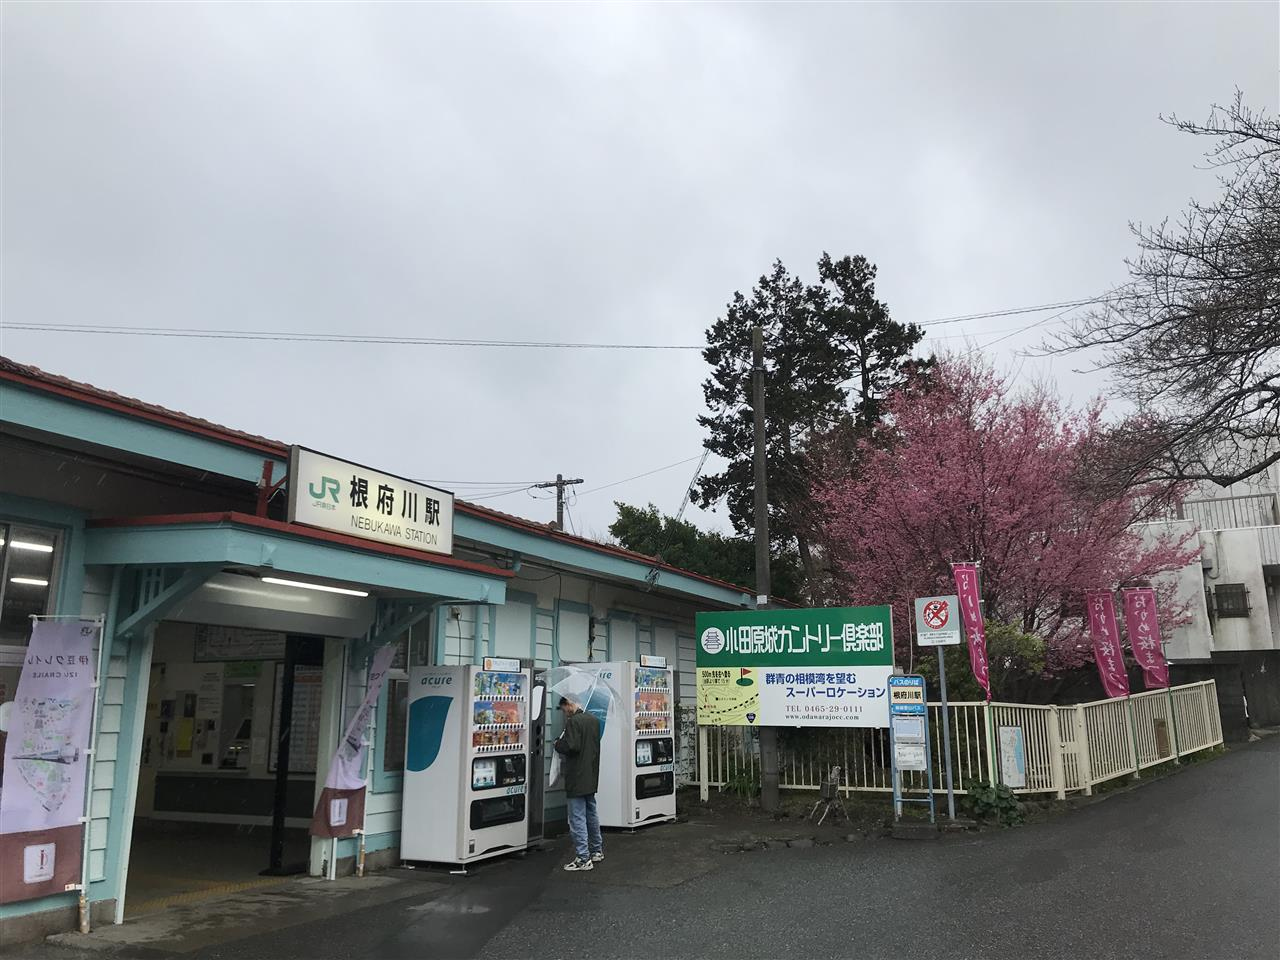 倶楽部 カントリー 小田原 城